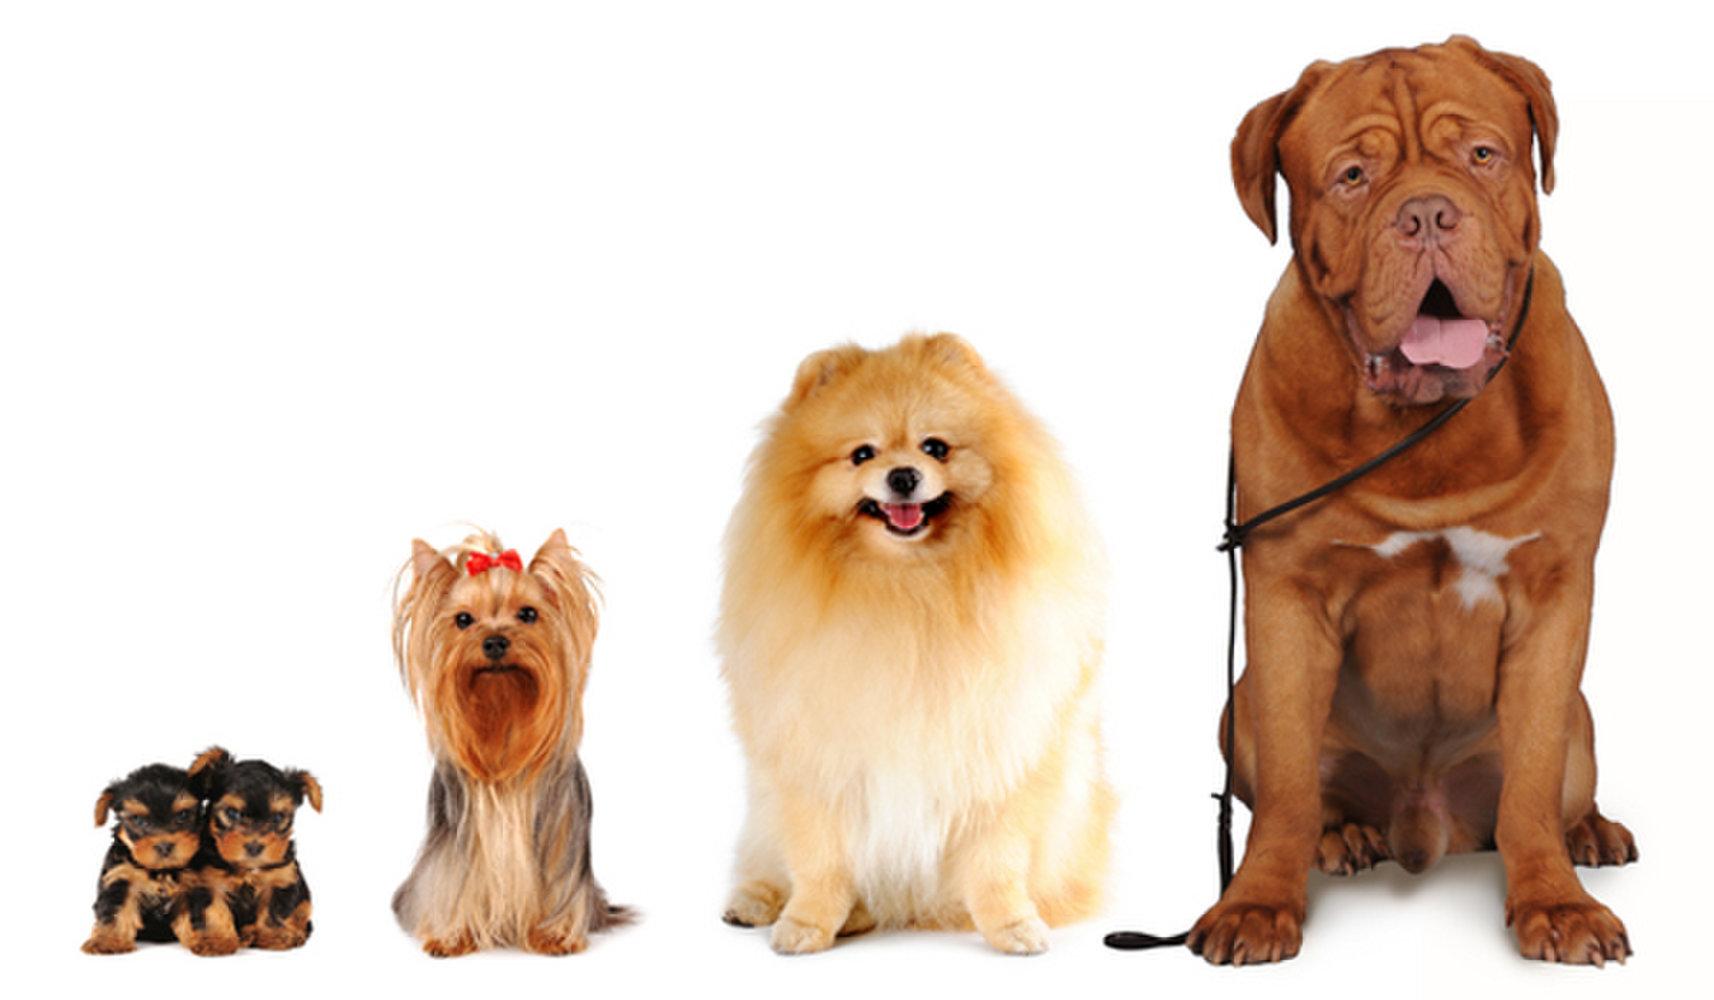 Классификация пород собак по размерам: какие бывают?